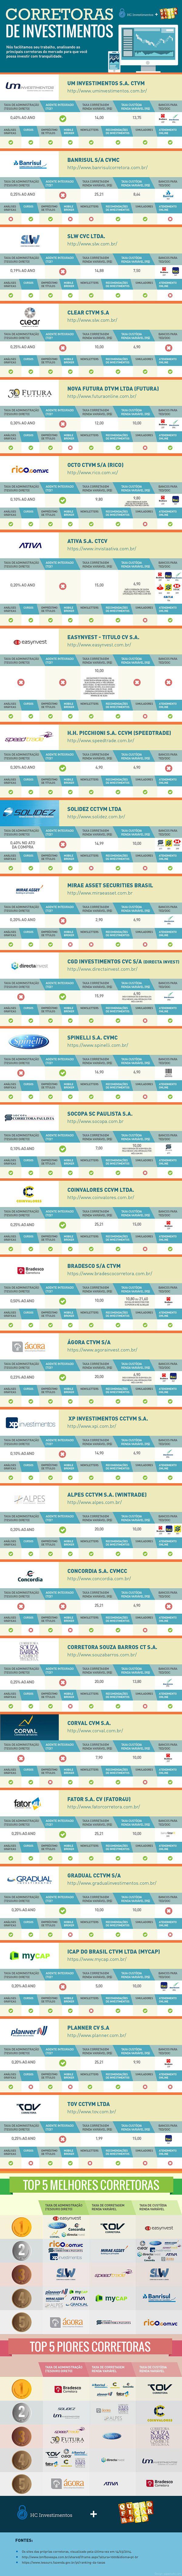 Infográfico: Melhores Corretoras de Valores